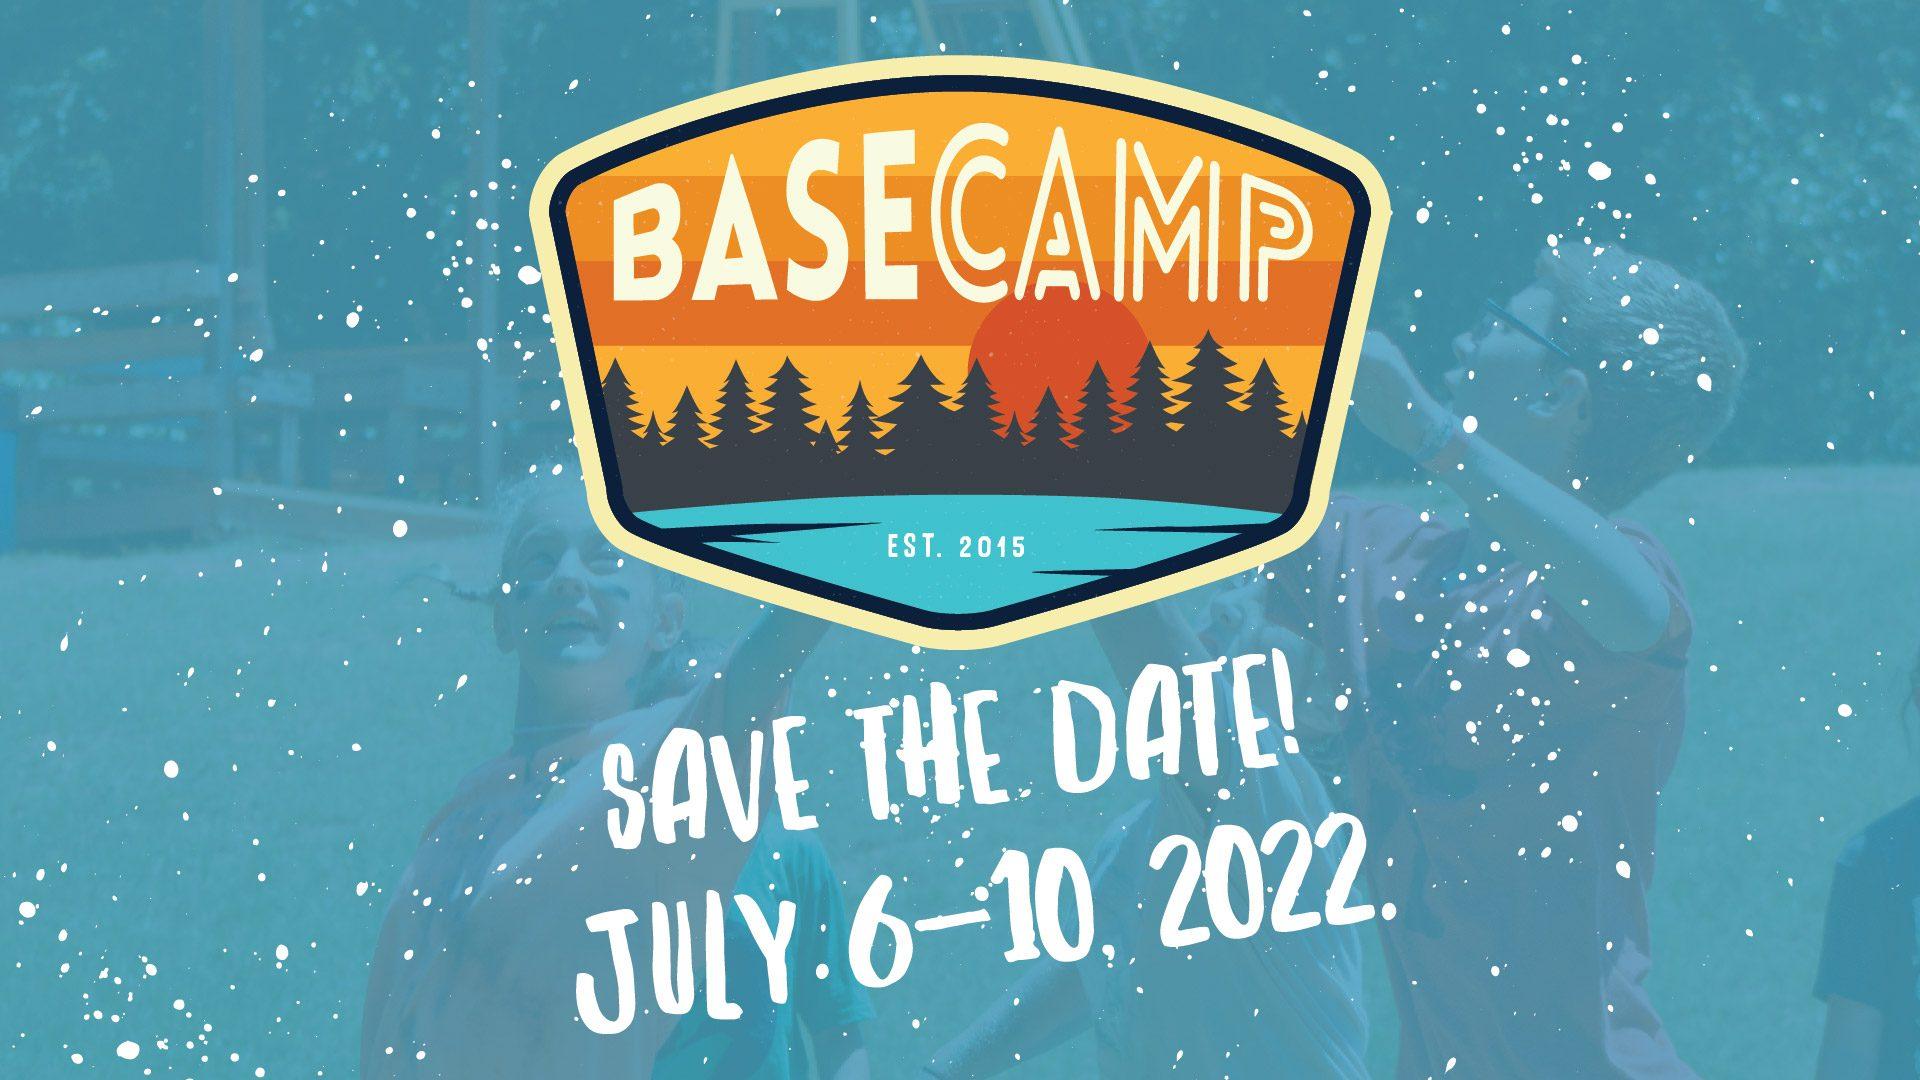 BASECAMP Slide 2022-02